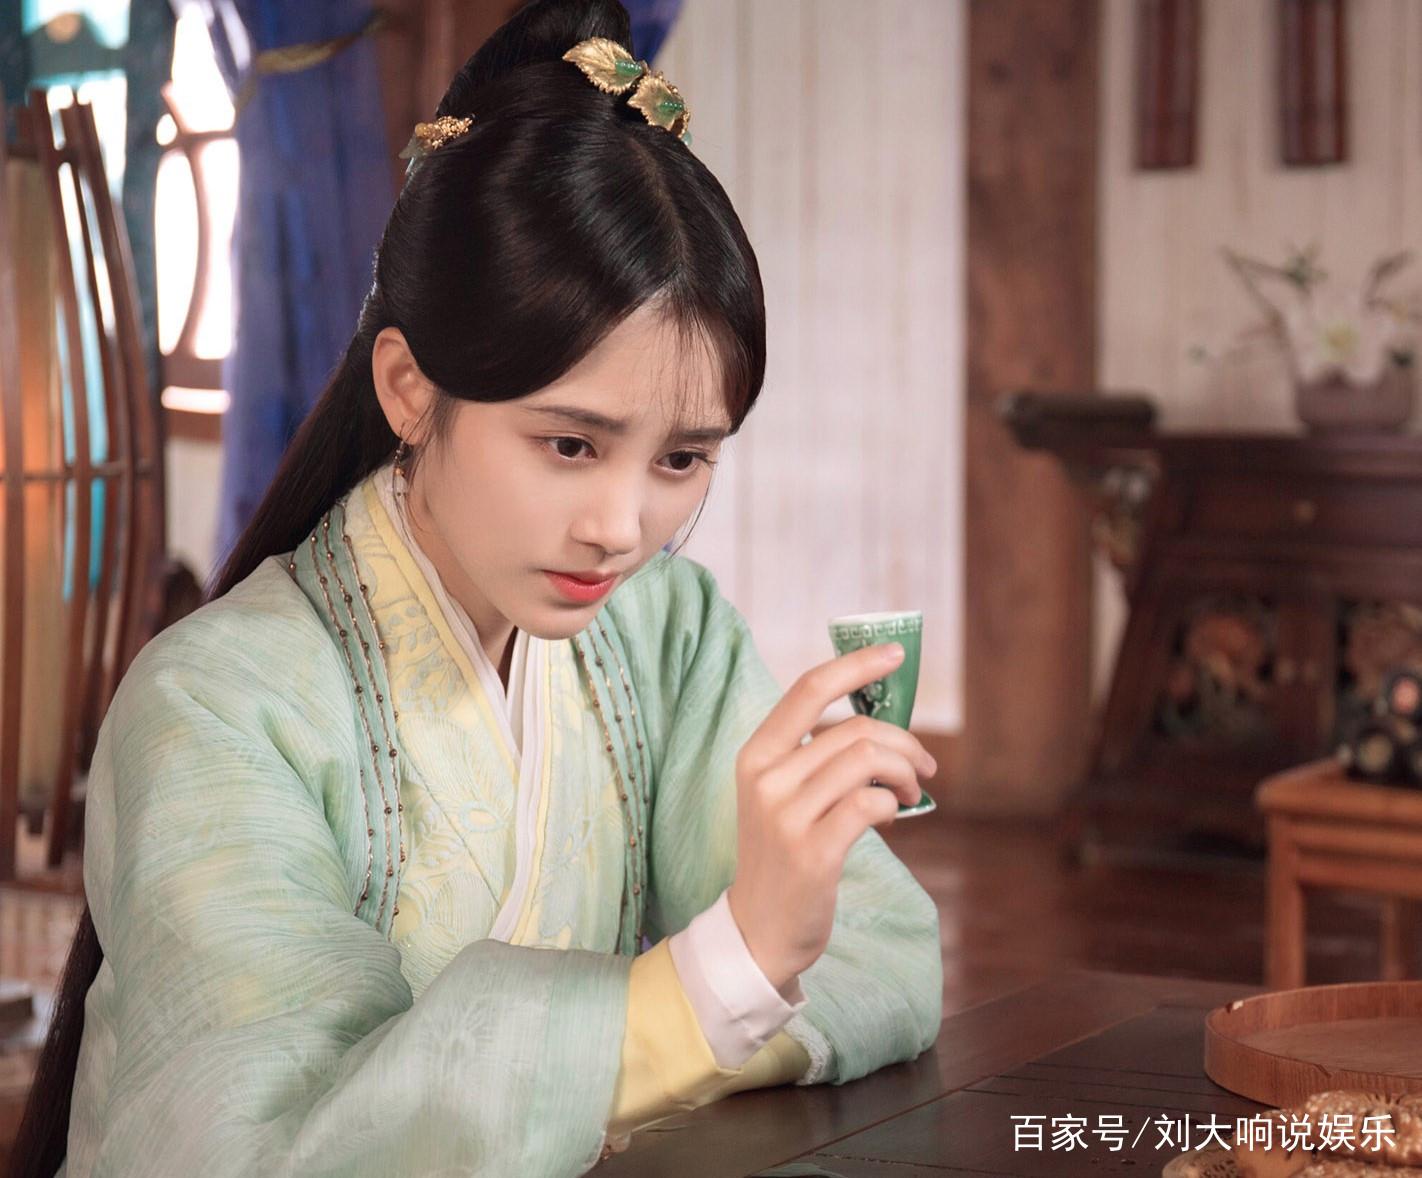 鞠婧祎:飘飘欲仙的古装美女,换上古装的她有多美,一